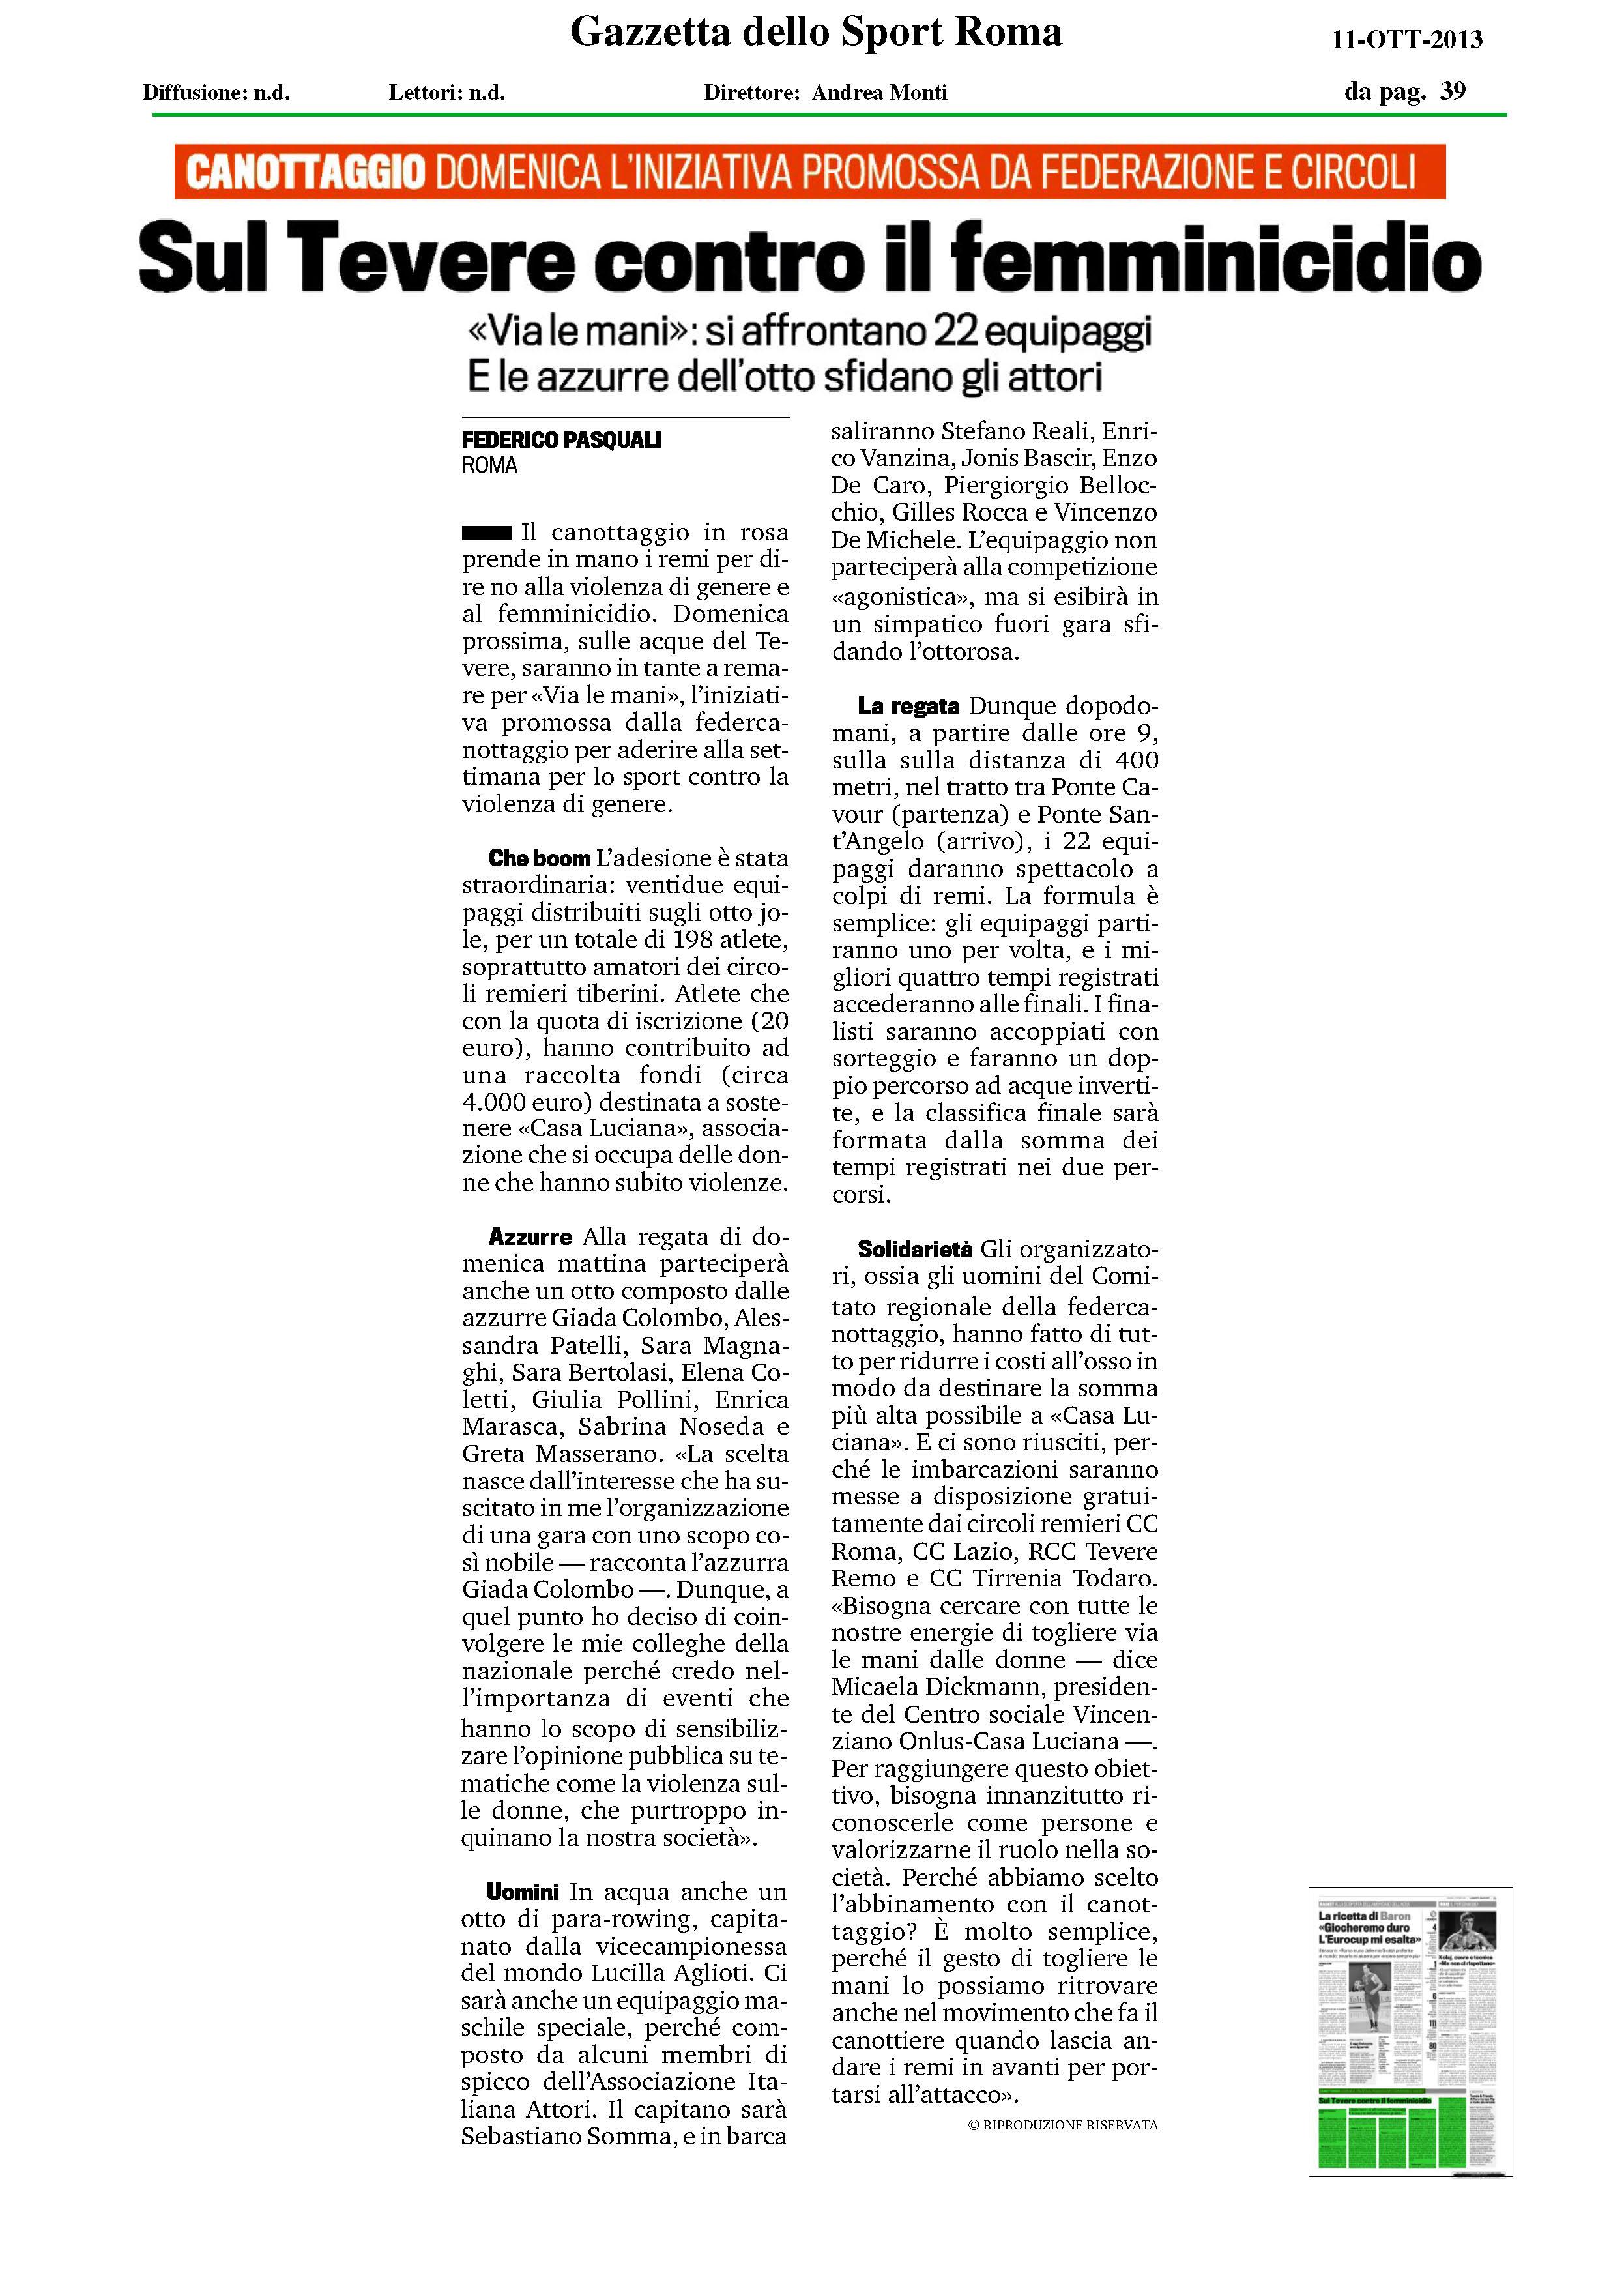 Gazzetta dello Sport - Sul tevere contro il femminicidio